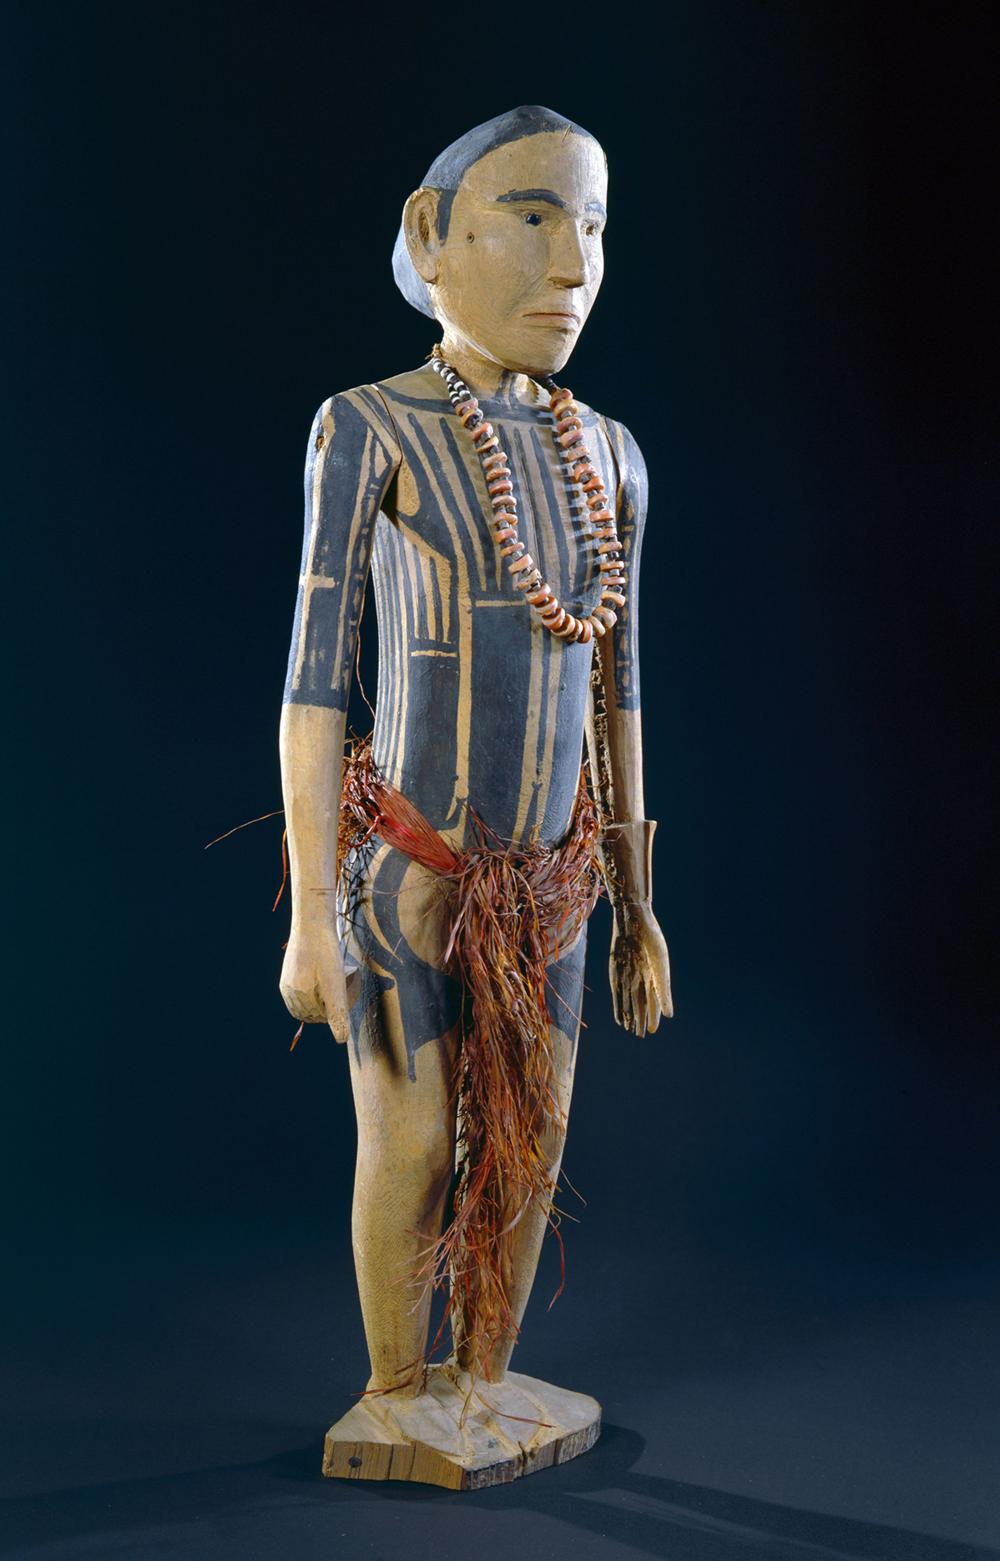 Holzskulptur, Yap, Mikronesien, Museum für Völkerkunde Dresden, Foto: Eva Winkler, Copyright SKD